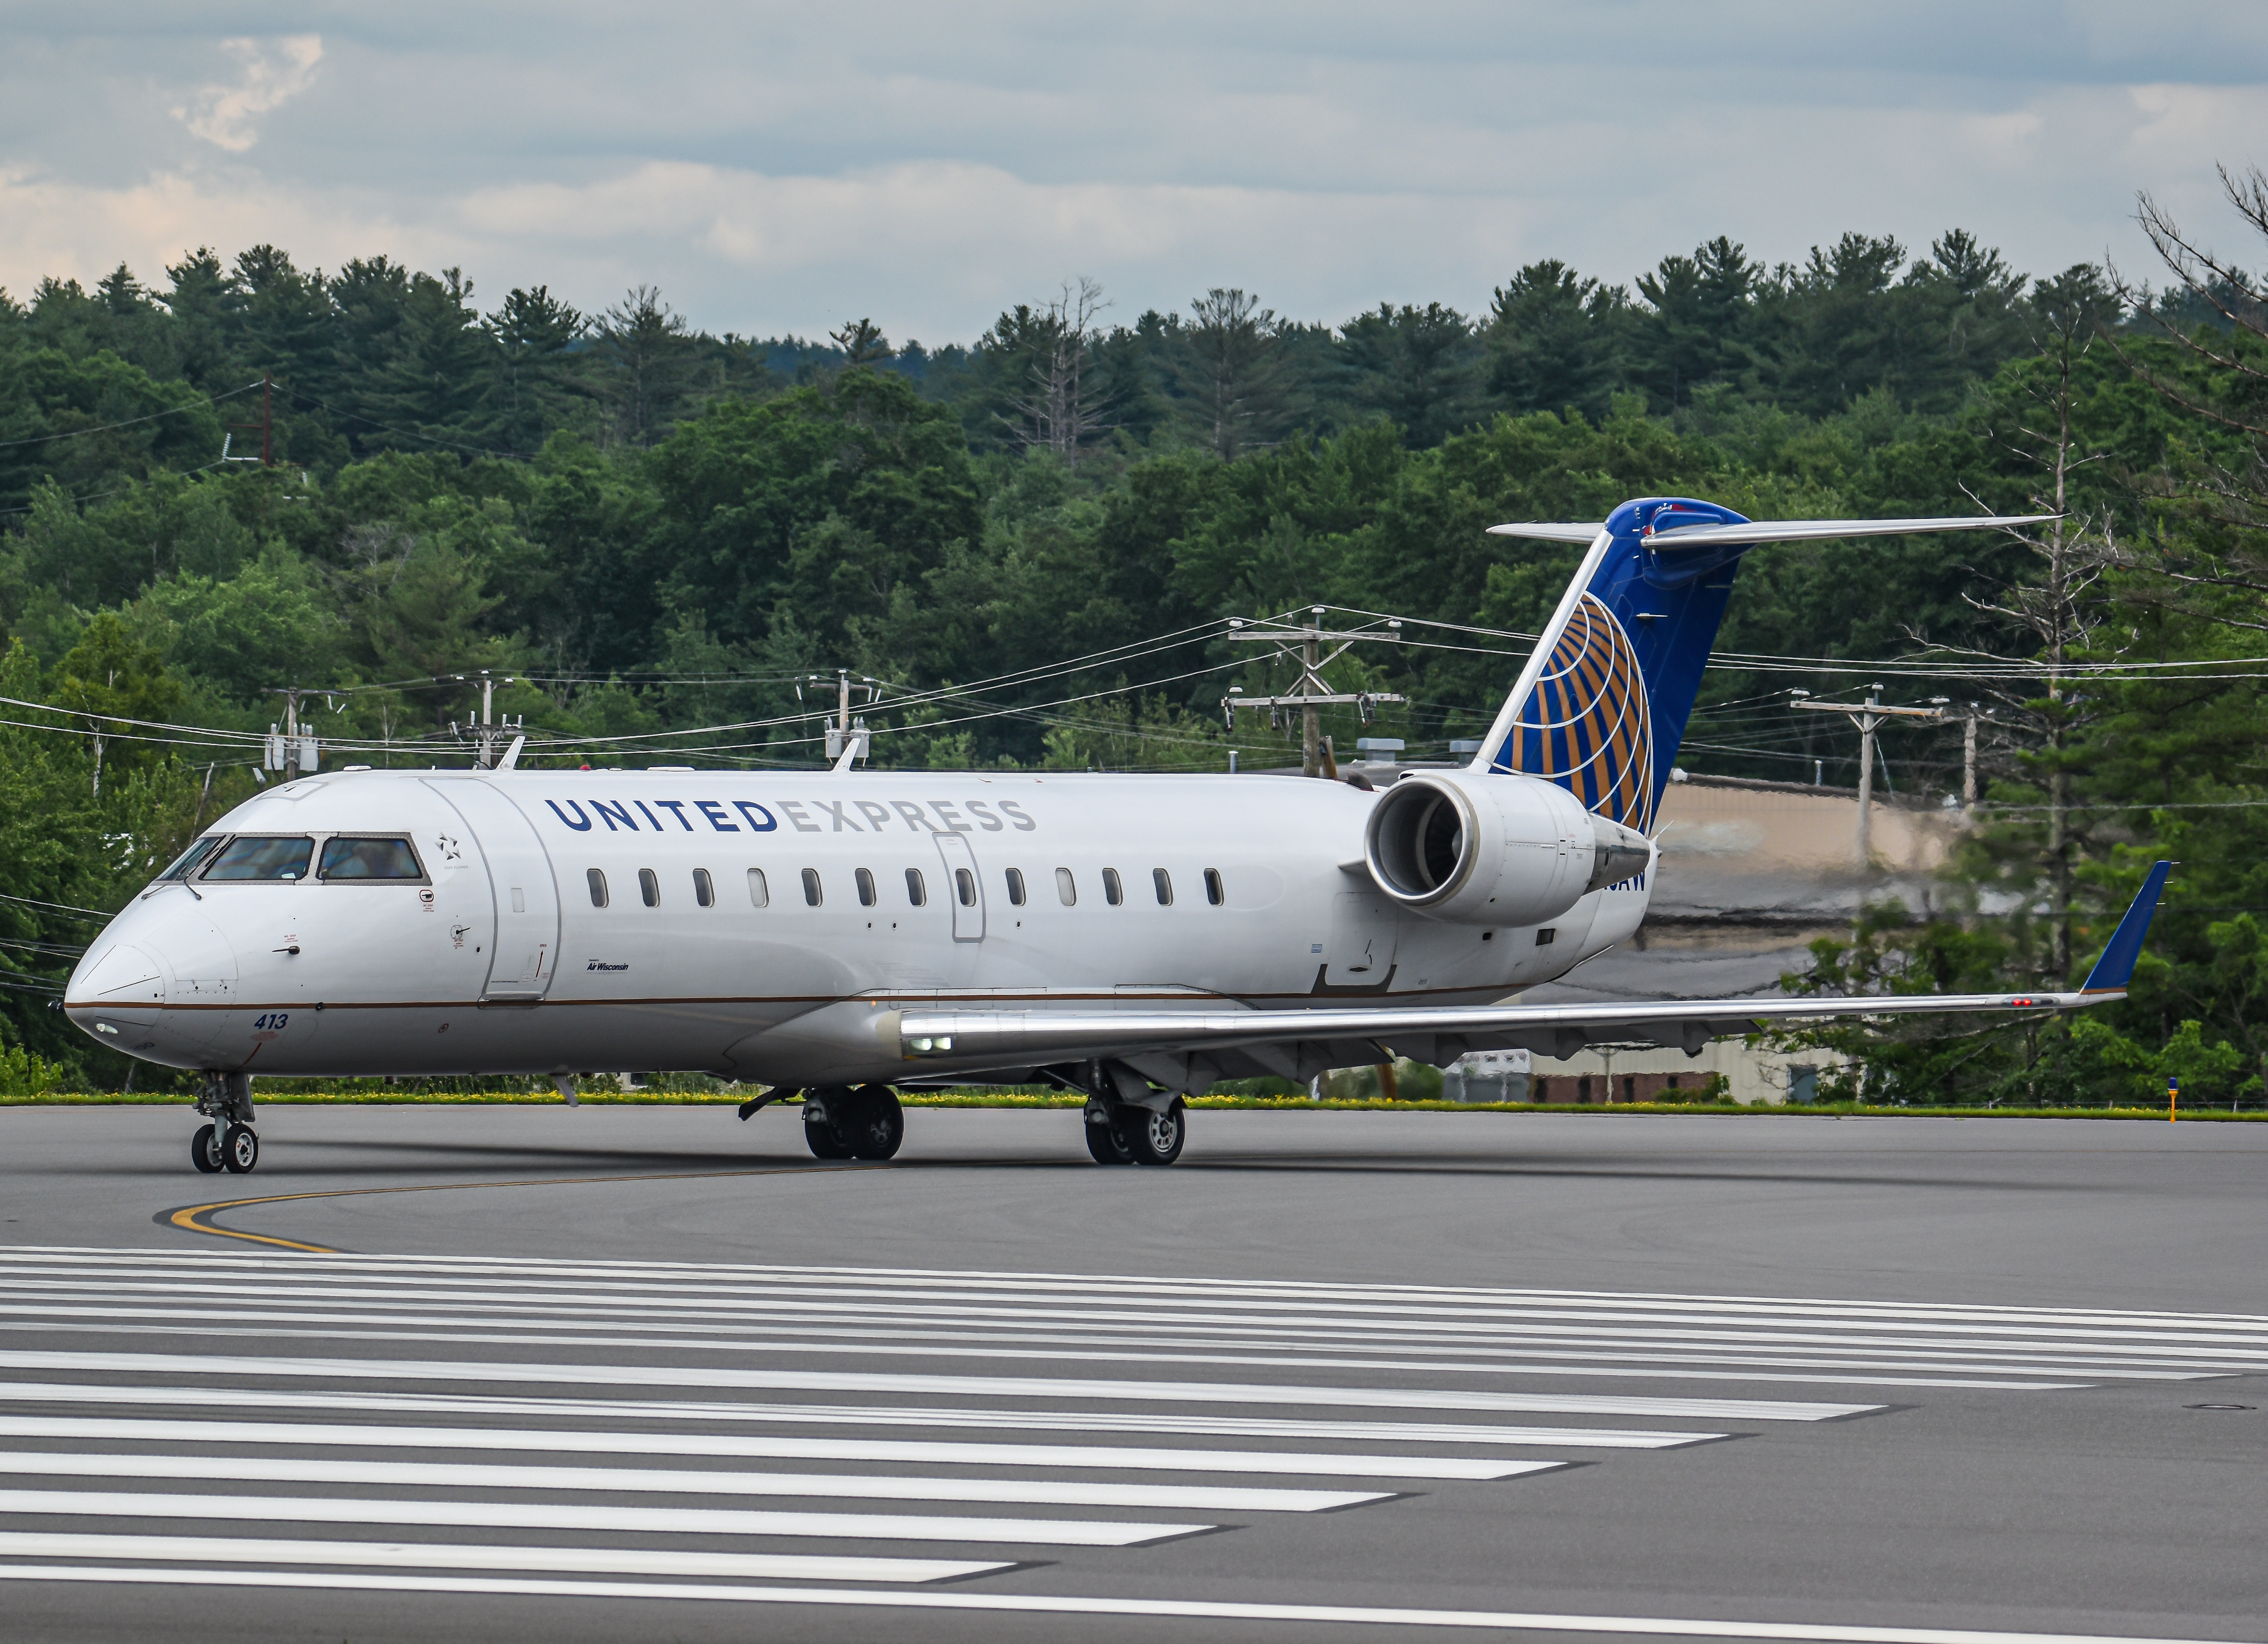 Photo of N413AW - United Express Mitsubishi CRJ-200 at MHT